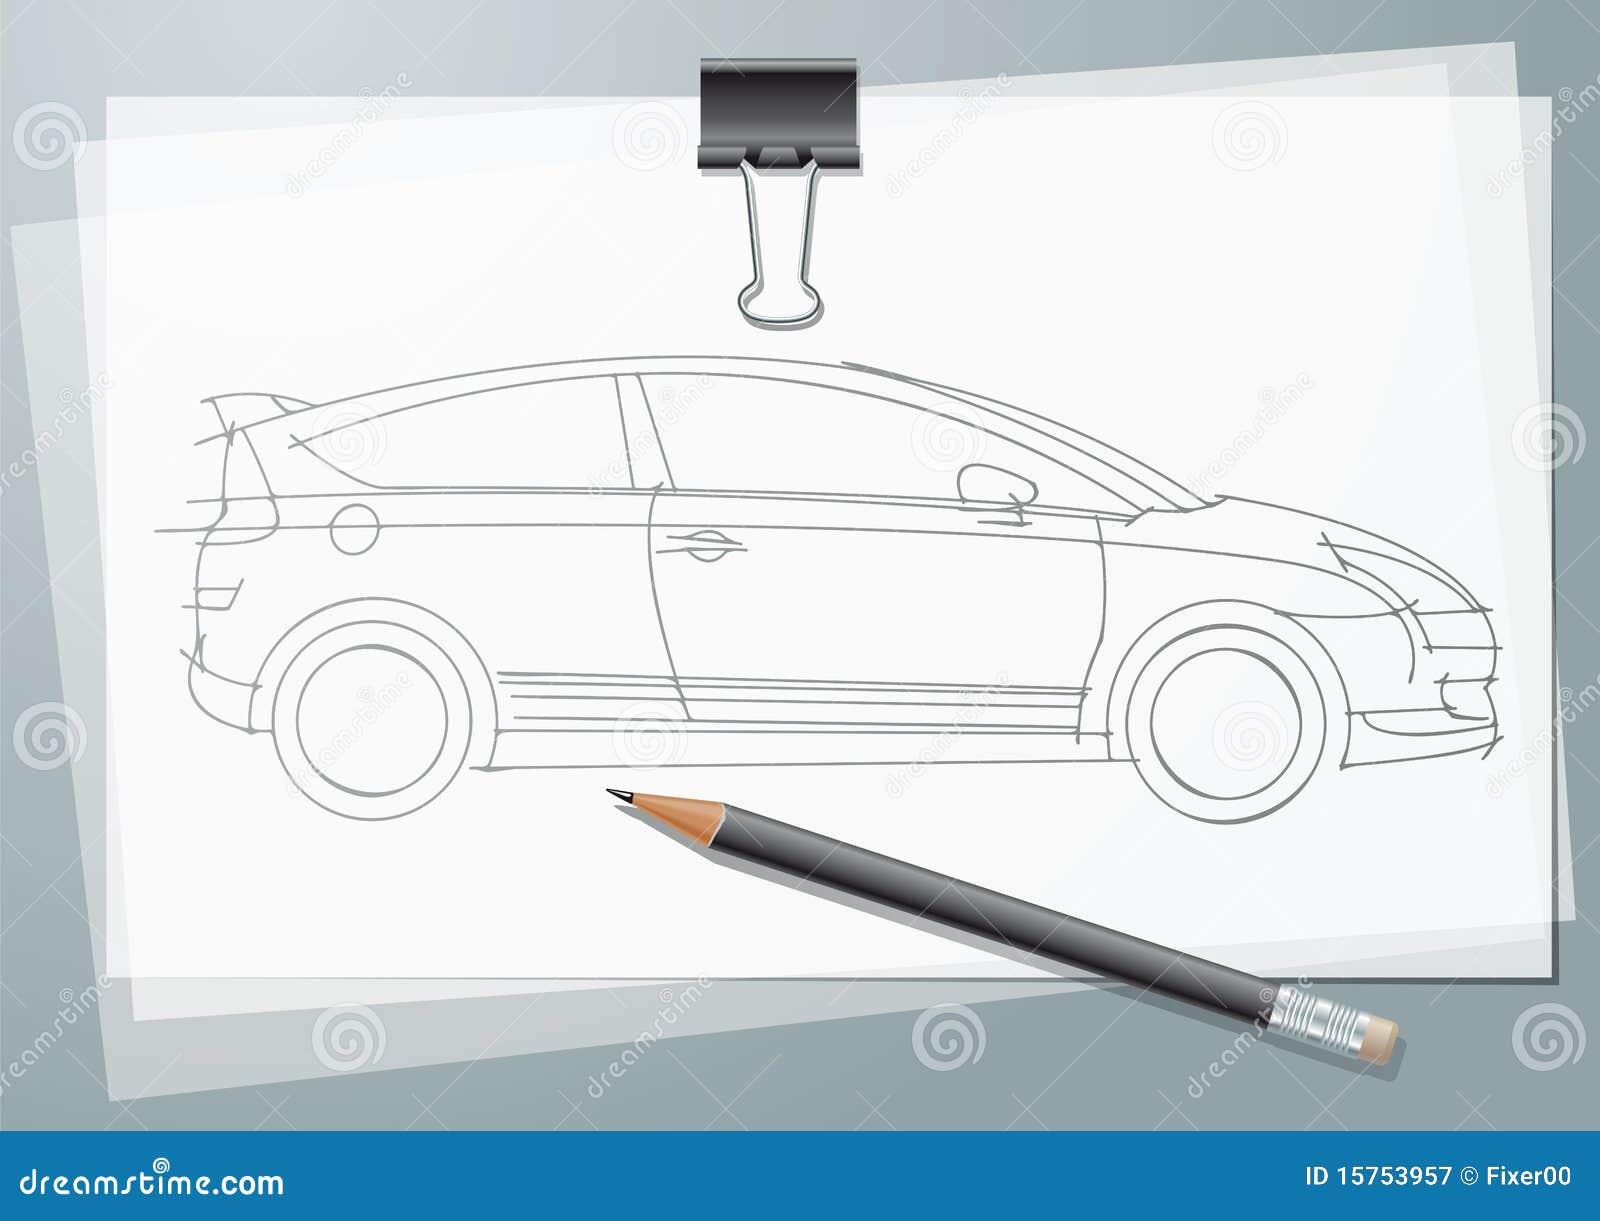 Tolle Wie Man Auto Skizziert Zeitgenössisch - Elektrische Schaltplan ...